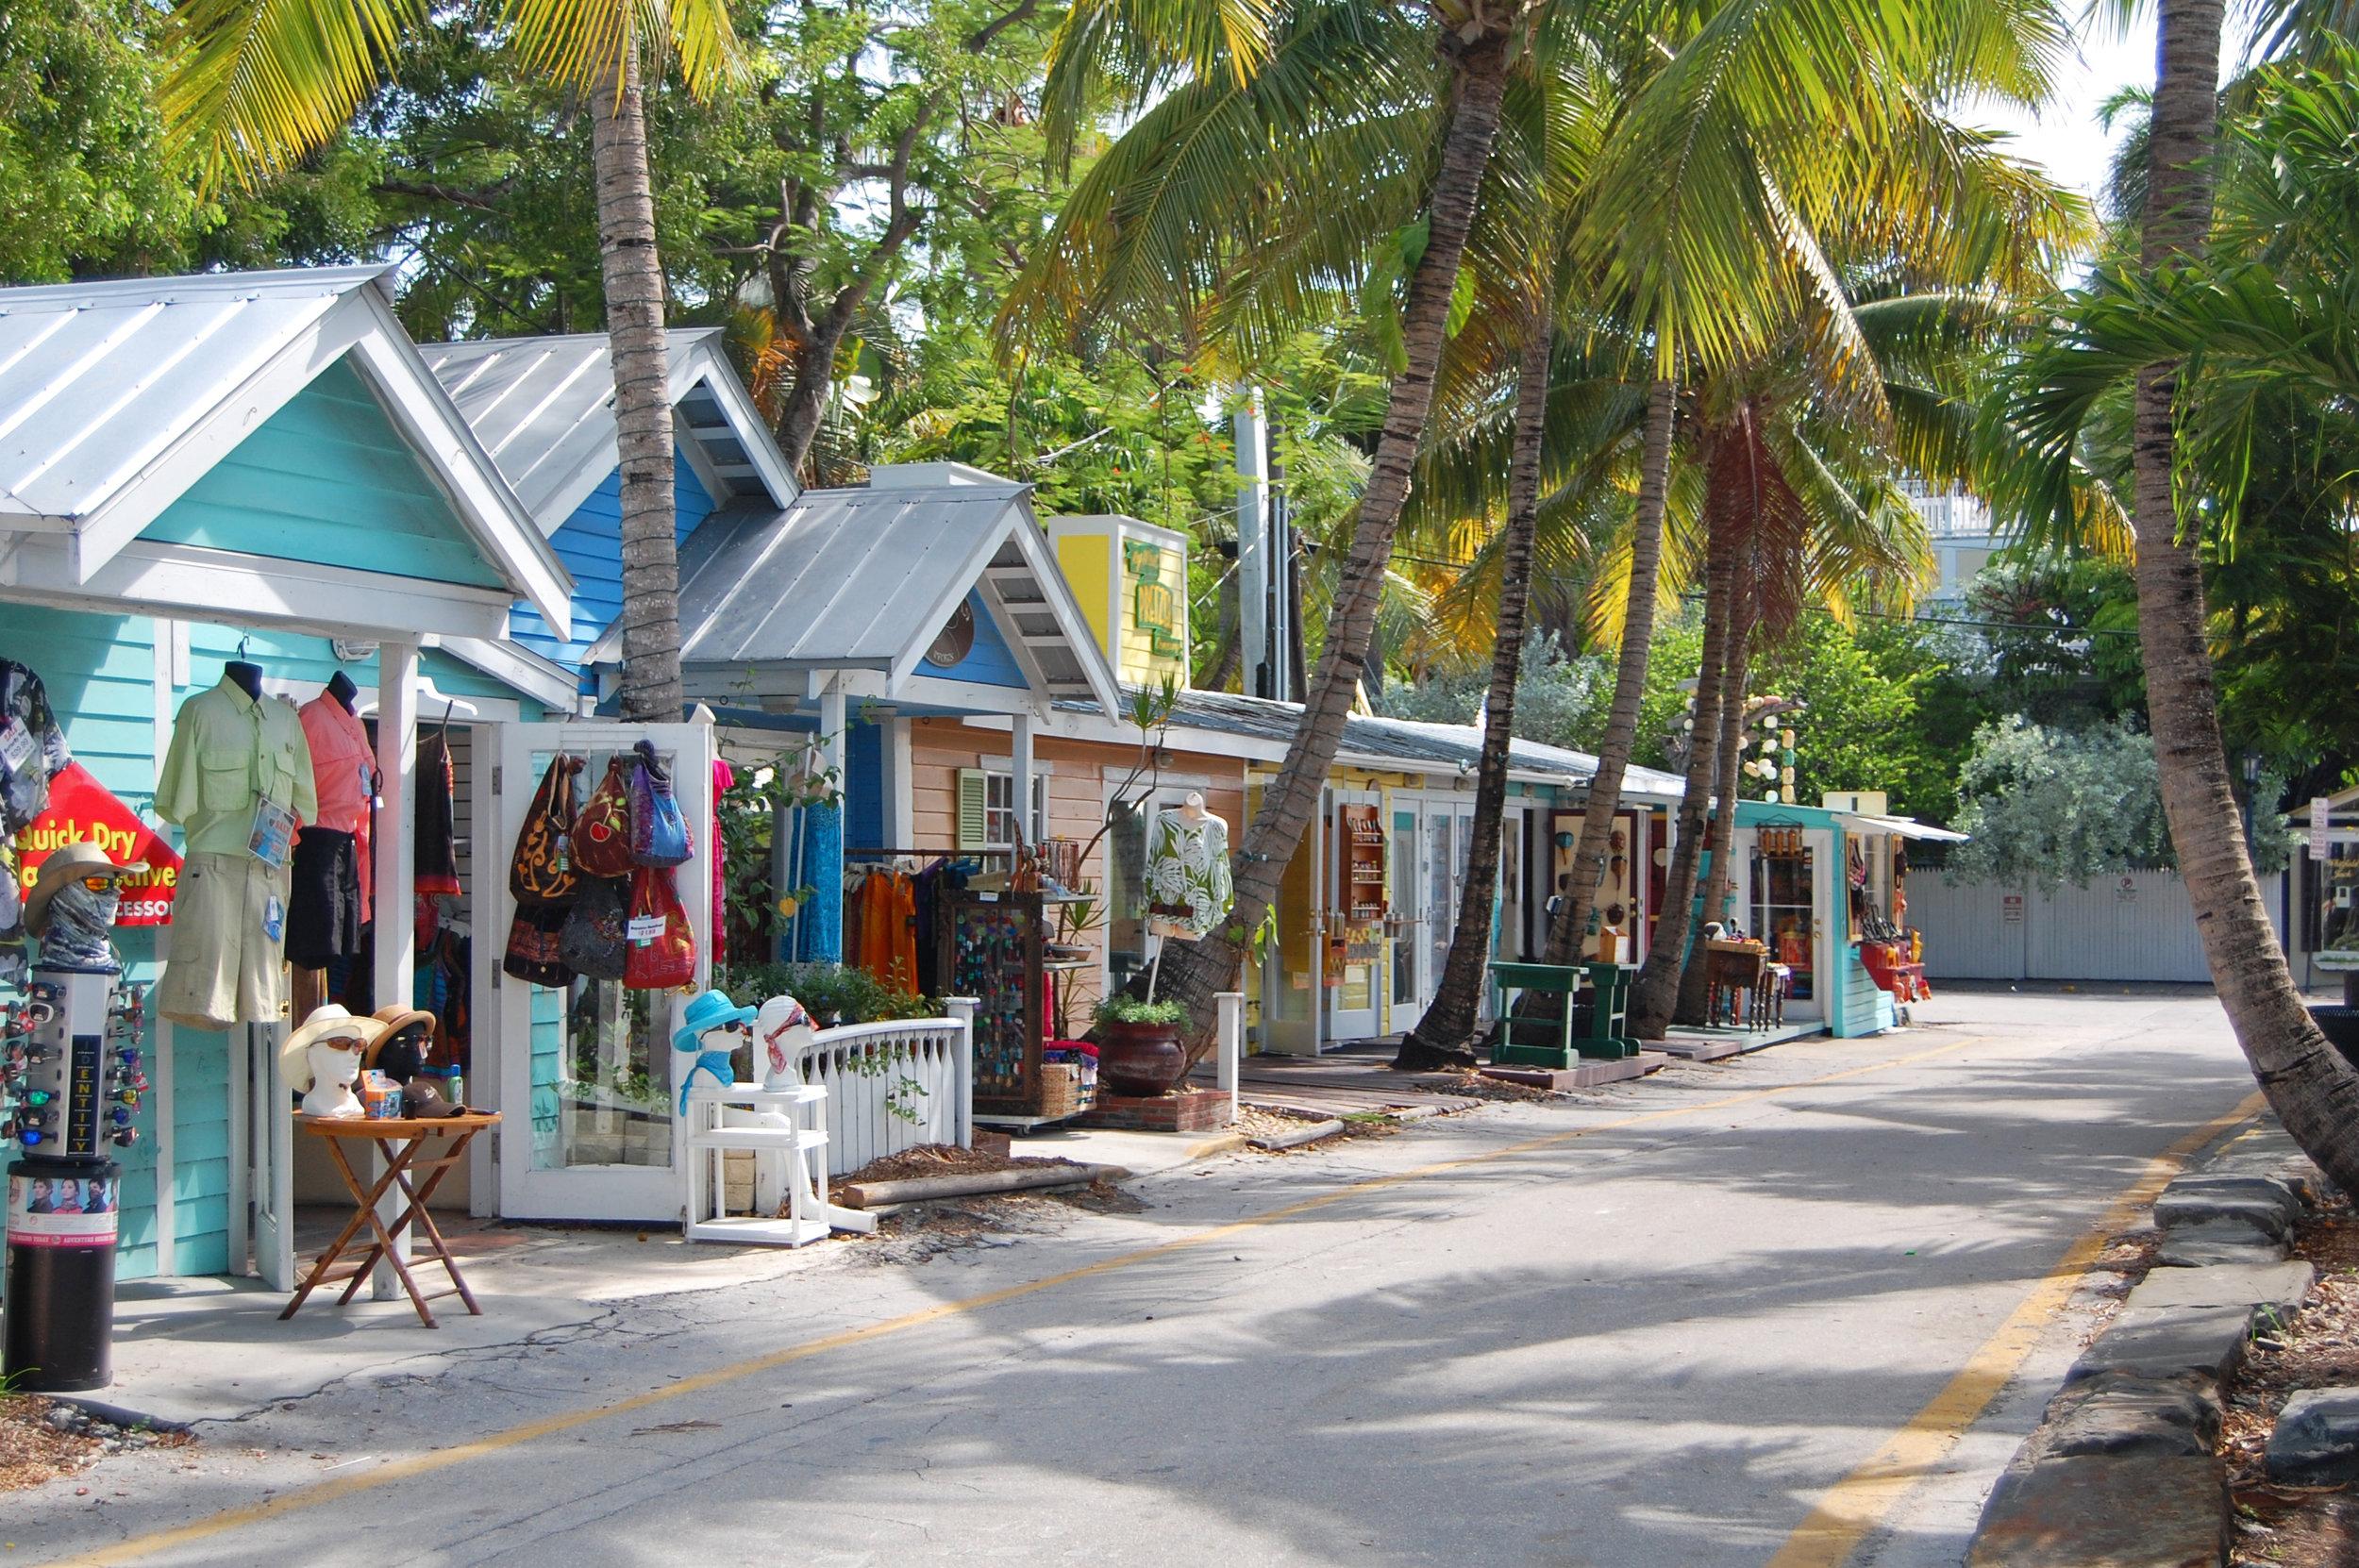 The Caribbean -